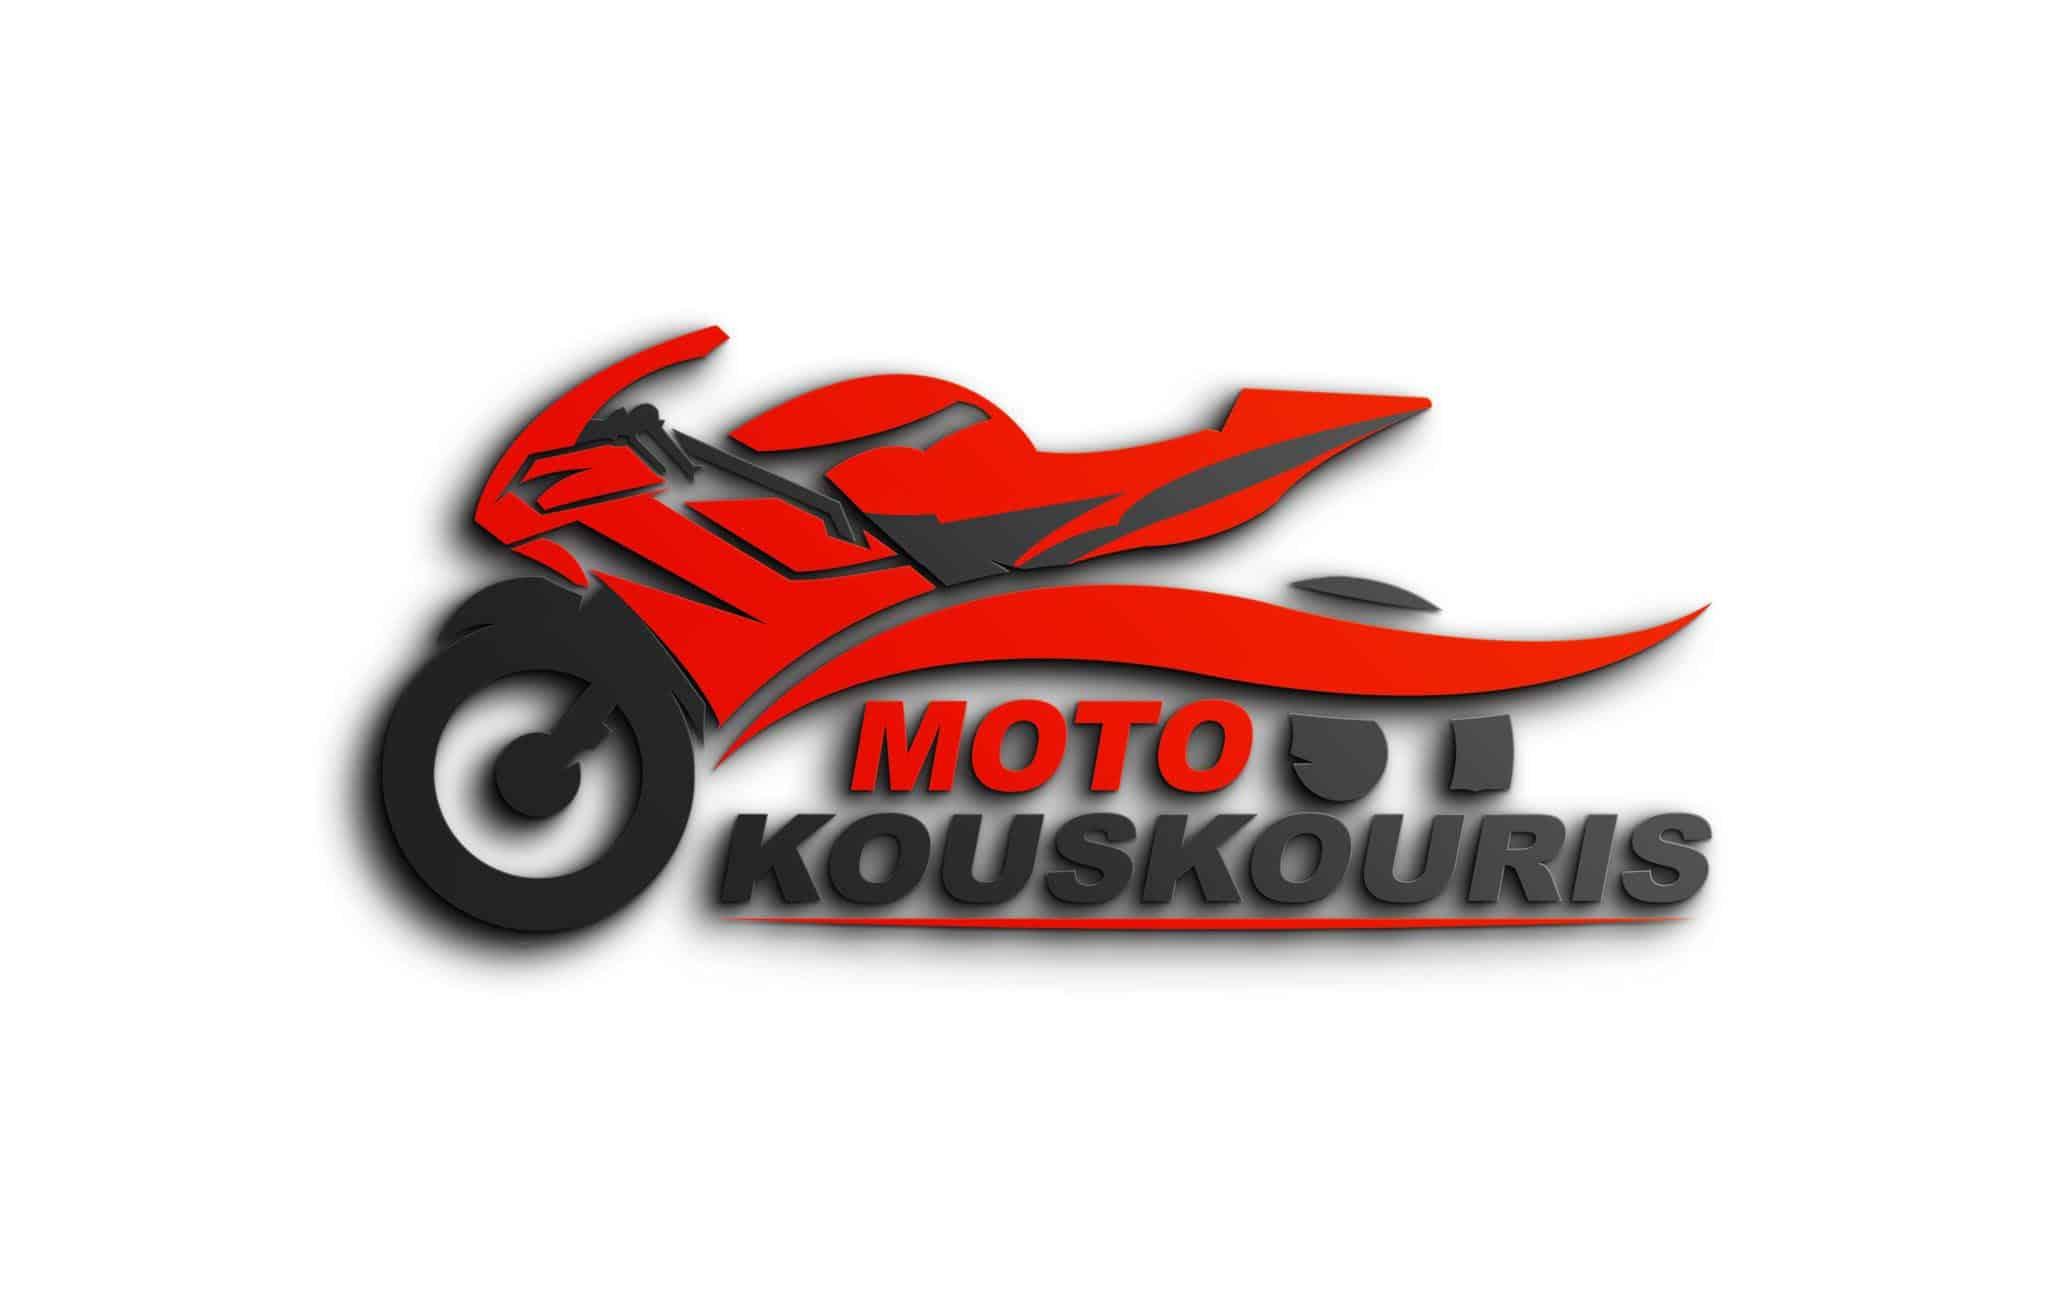 Moto Kouskouris